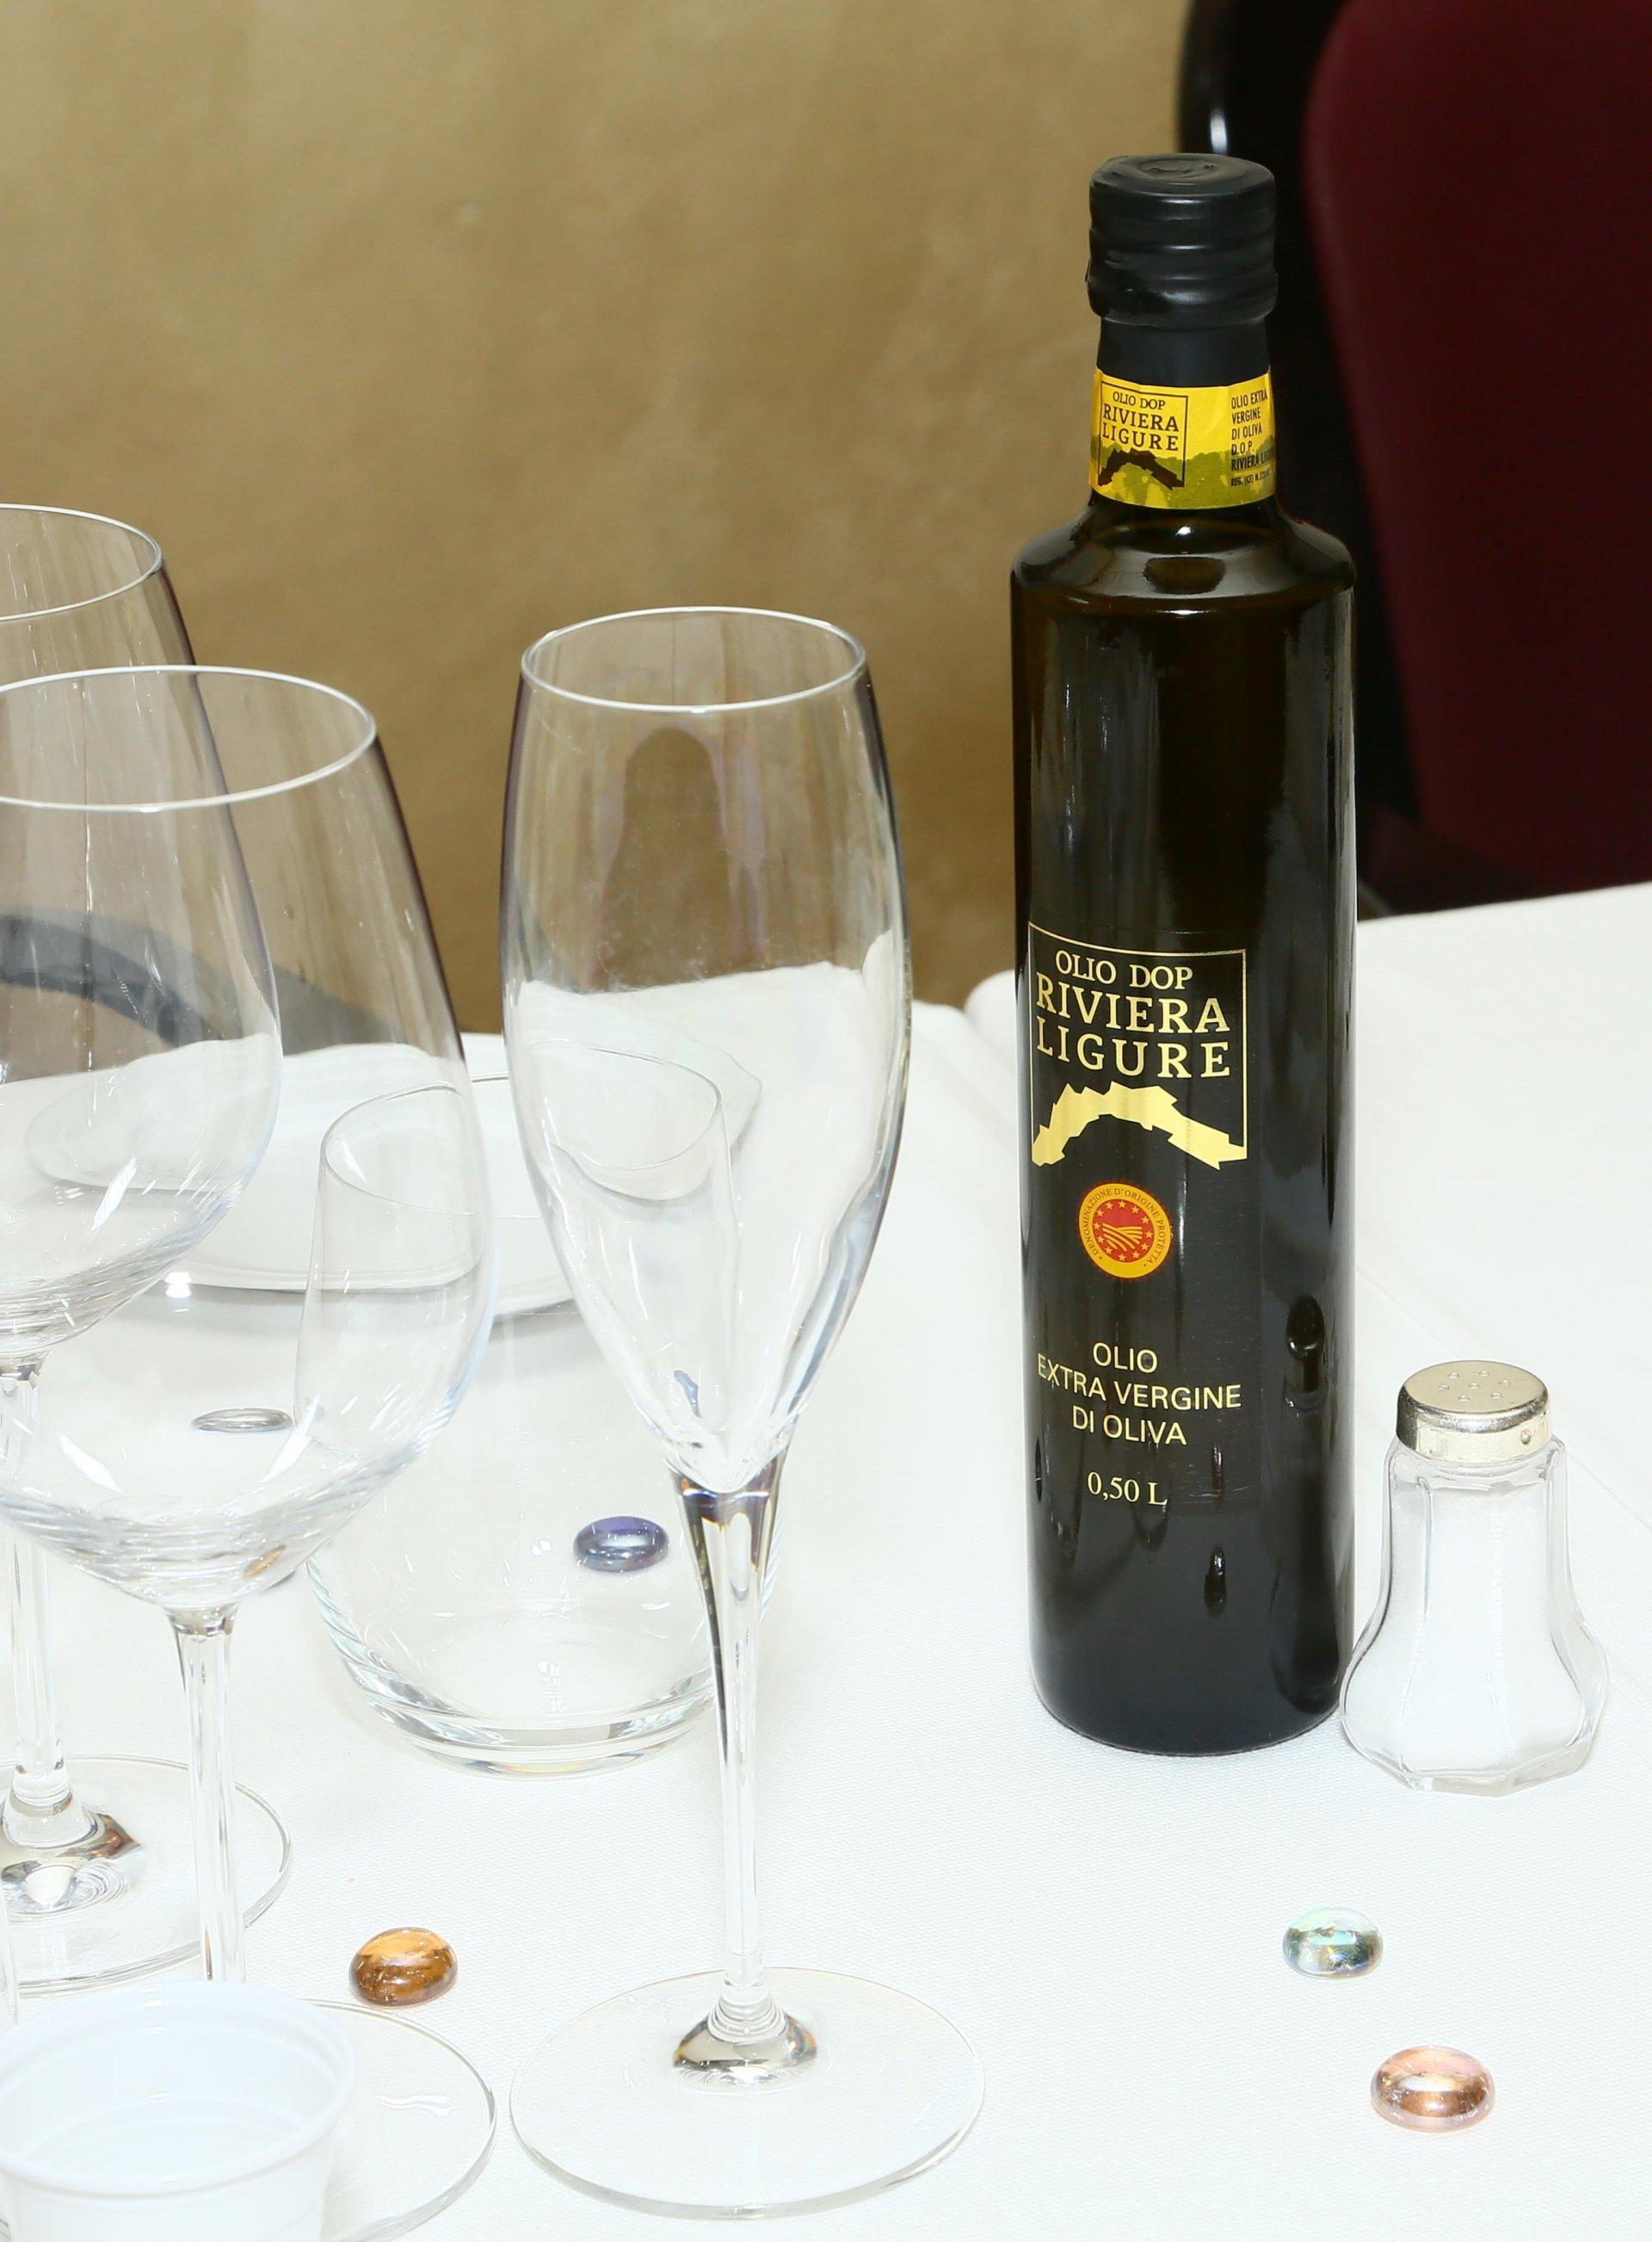 L'Olio Dop Riviera Ligure sarà protagonista di primo piano